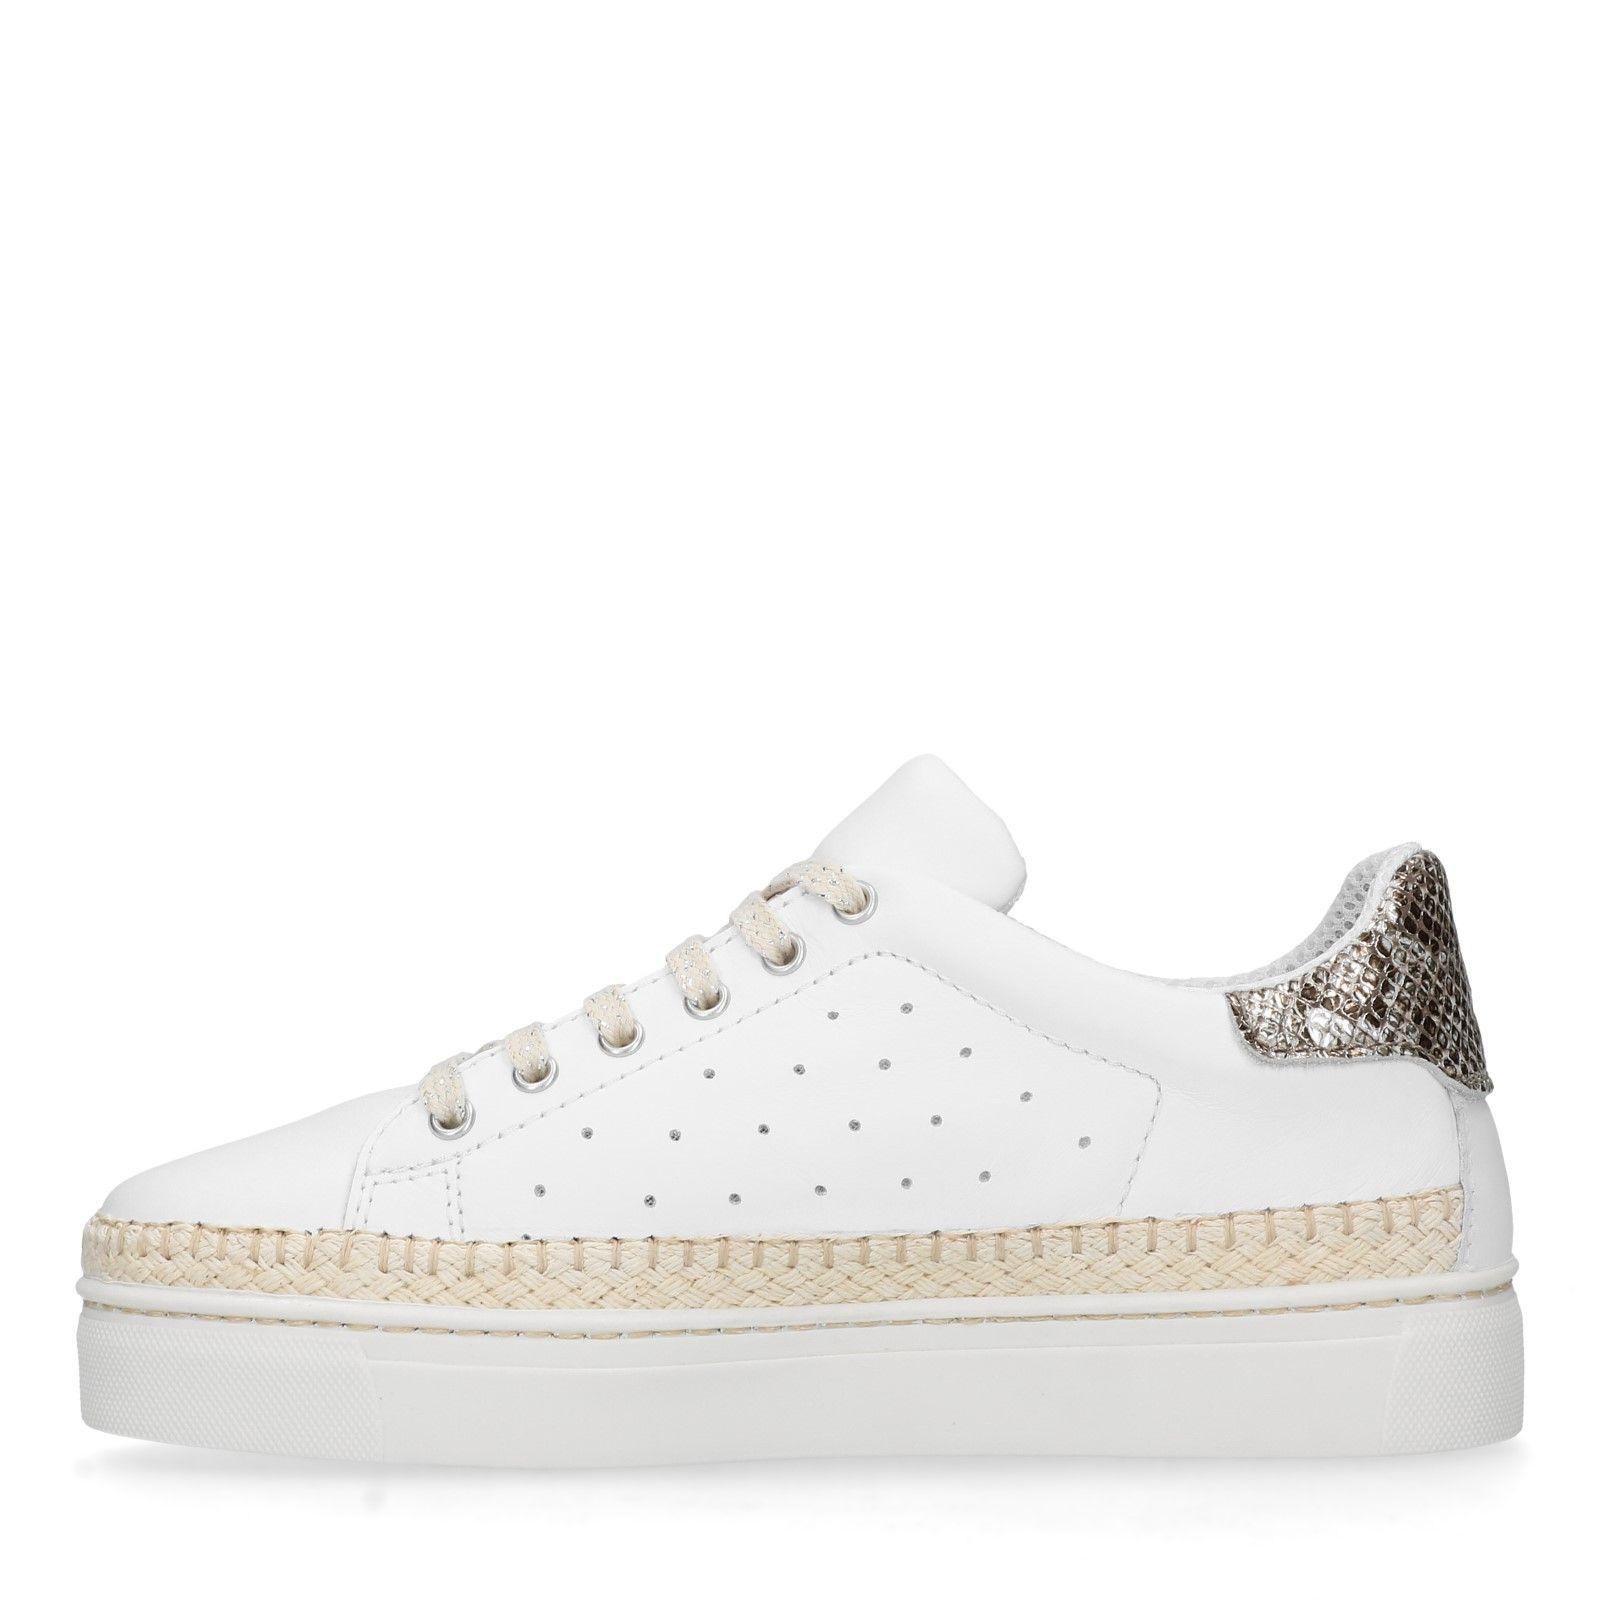 Kontrast Mit Mit Sneaker Weiße Sneaker Mit Weiße Kontrast Details Kontrast Weiße Details Sneaker dxBeroWQC